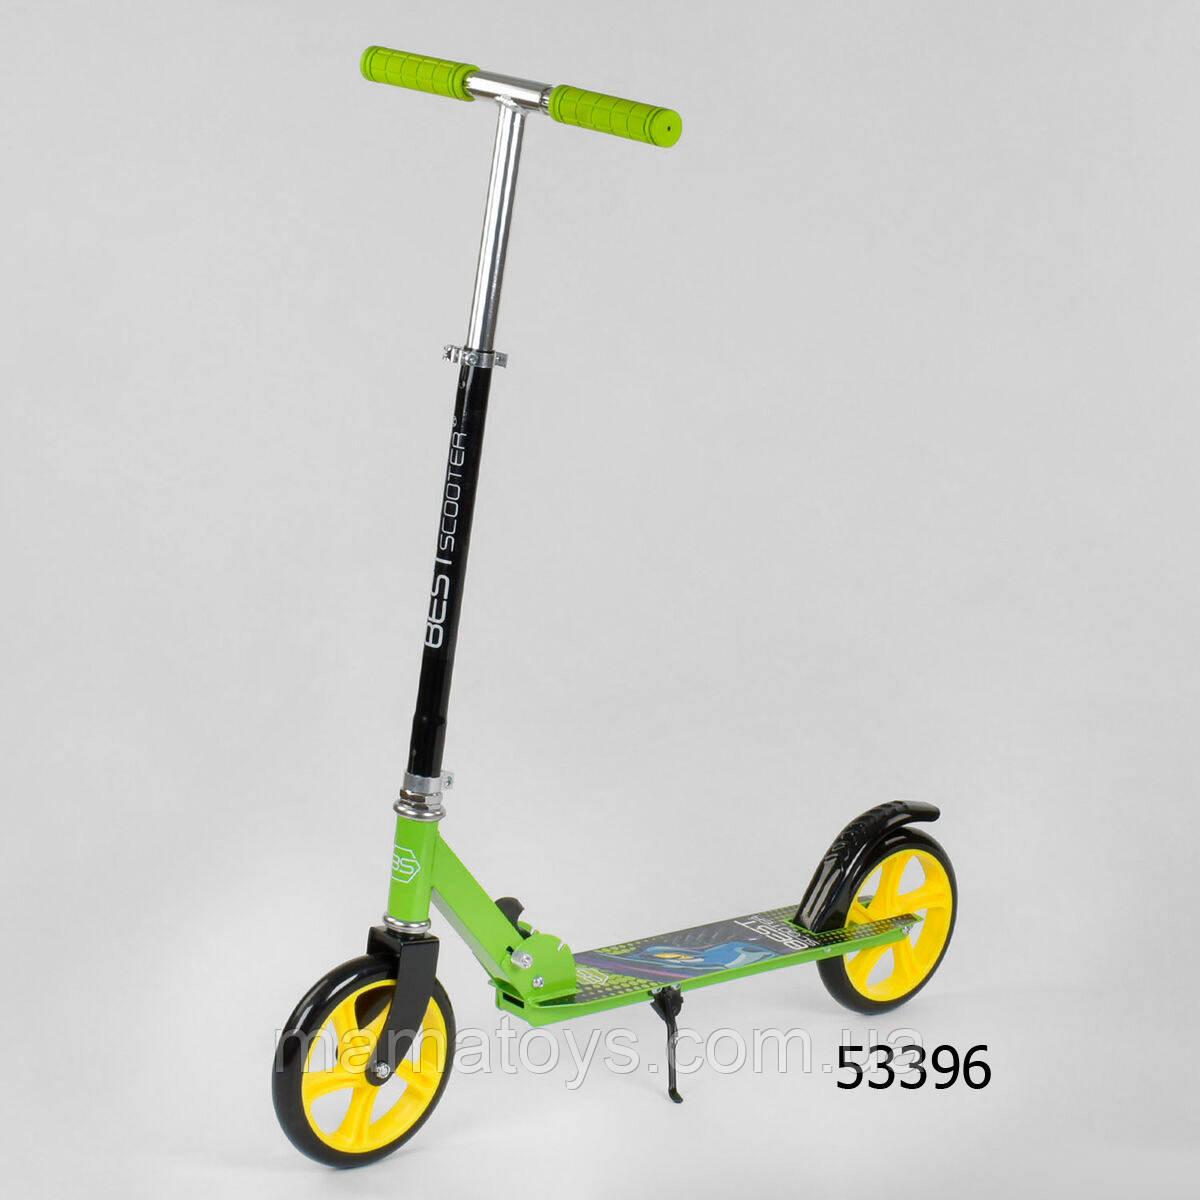 Самокат двухколесный Best Scooter 53396 Салатовый колеса PU - 20 см, грипсы резиновые